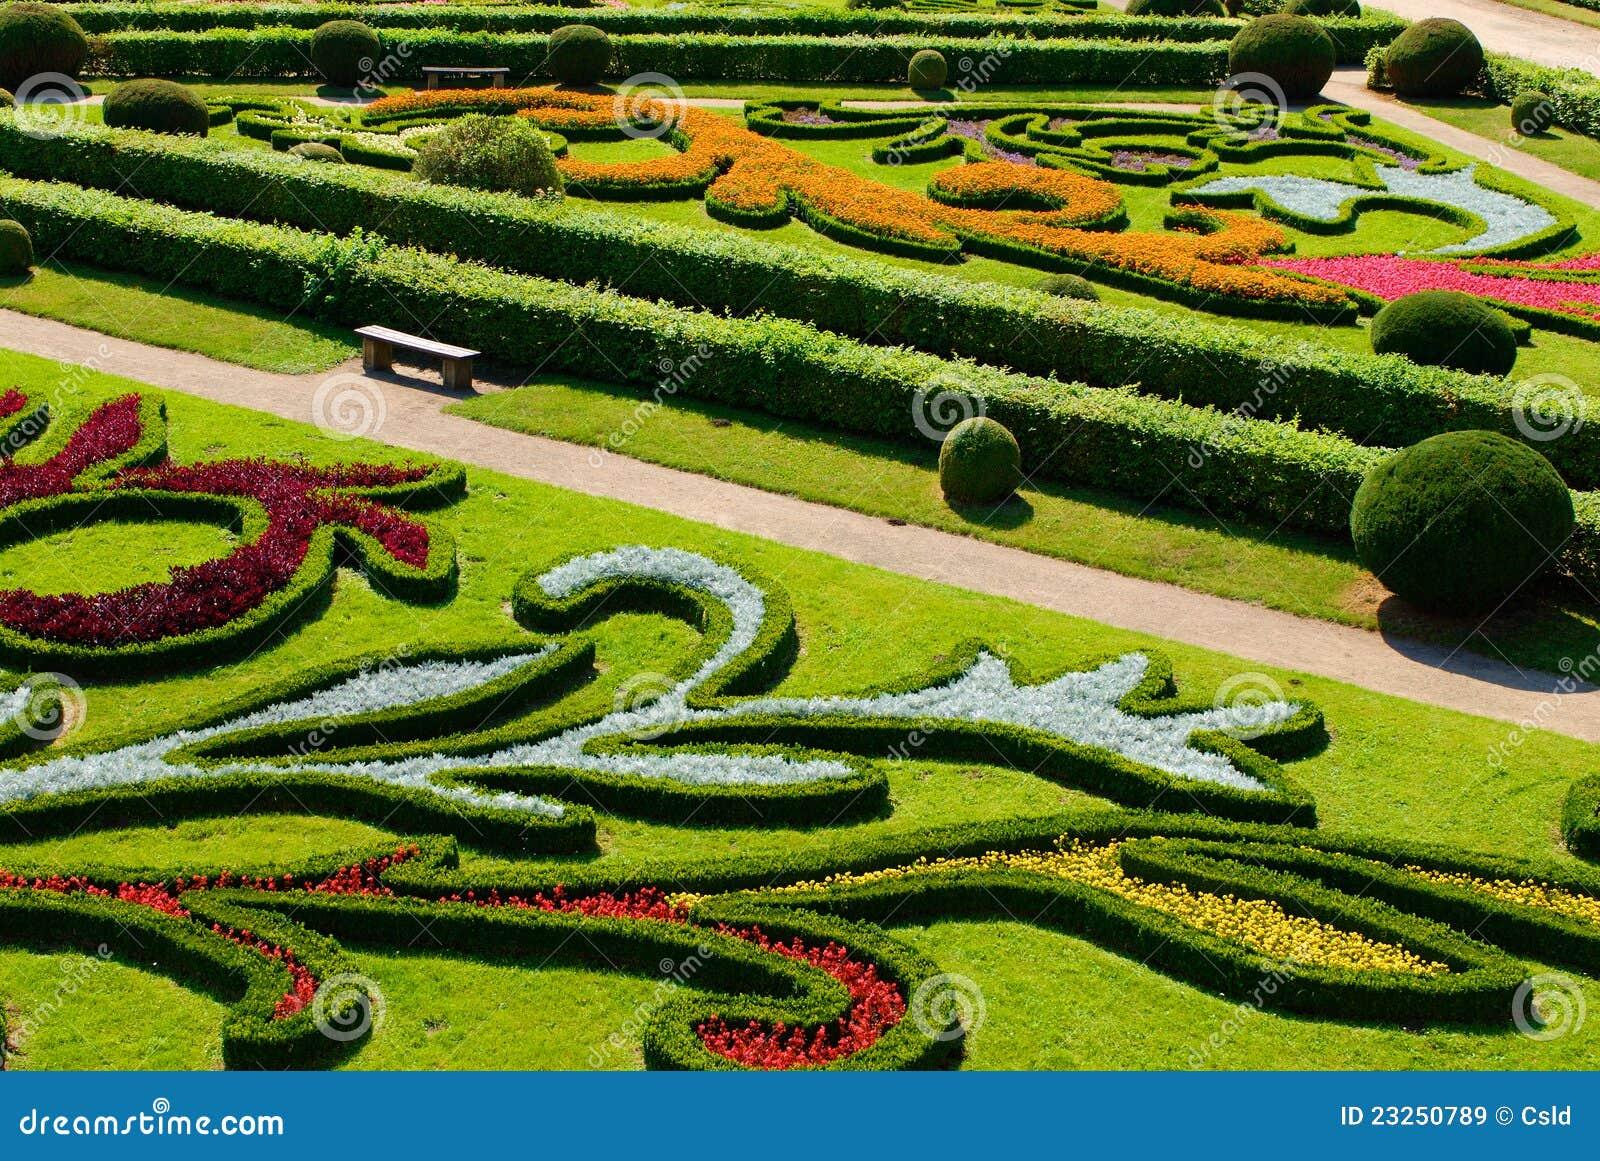 Ornamental garden stock image image of europe landmark for Ornamental garden